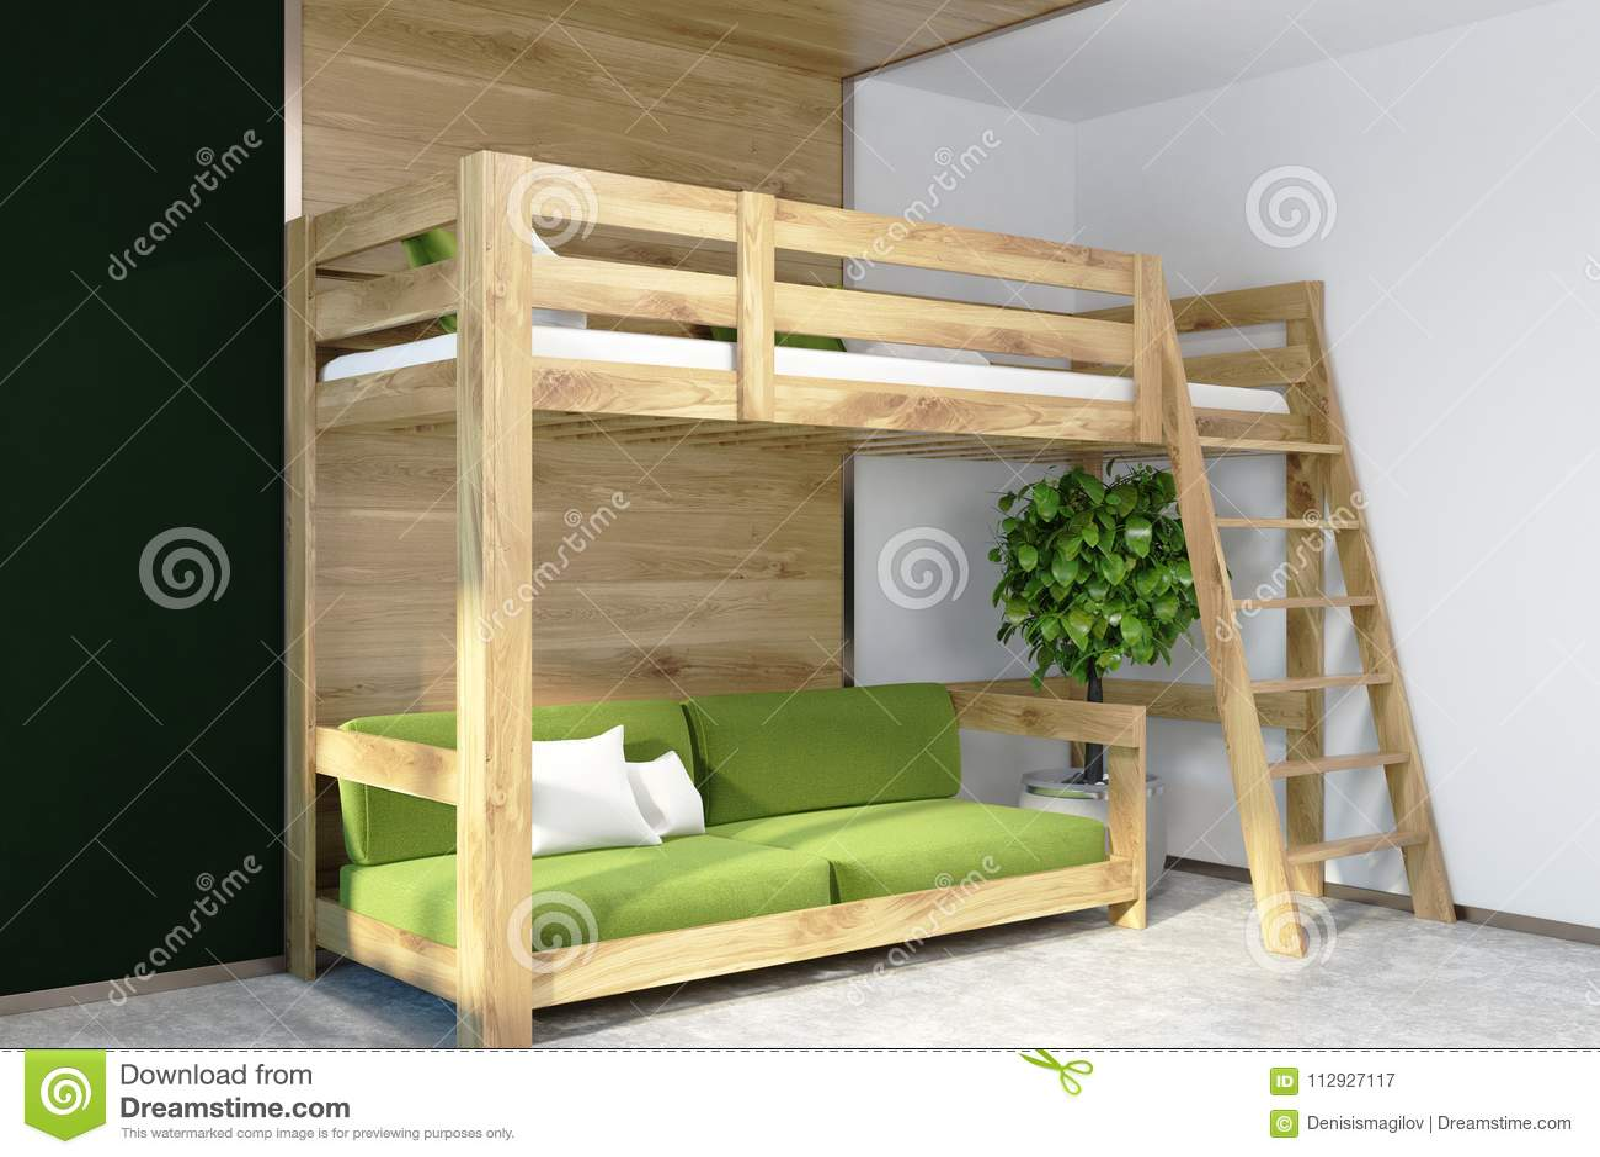 Parete Camera Da Letto Verde : Angolo verde scuro della camera da letto della parete letto verde